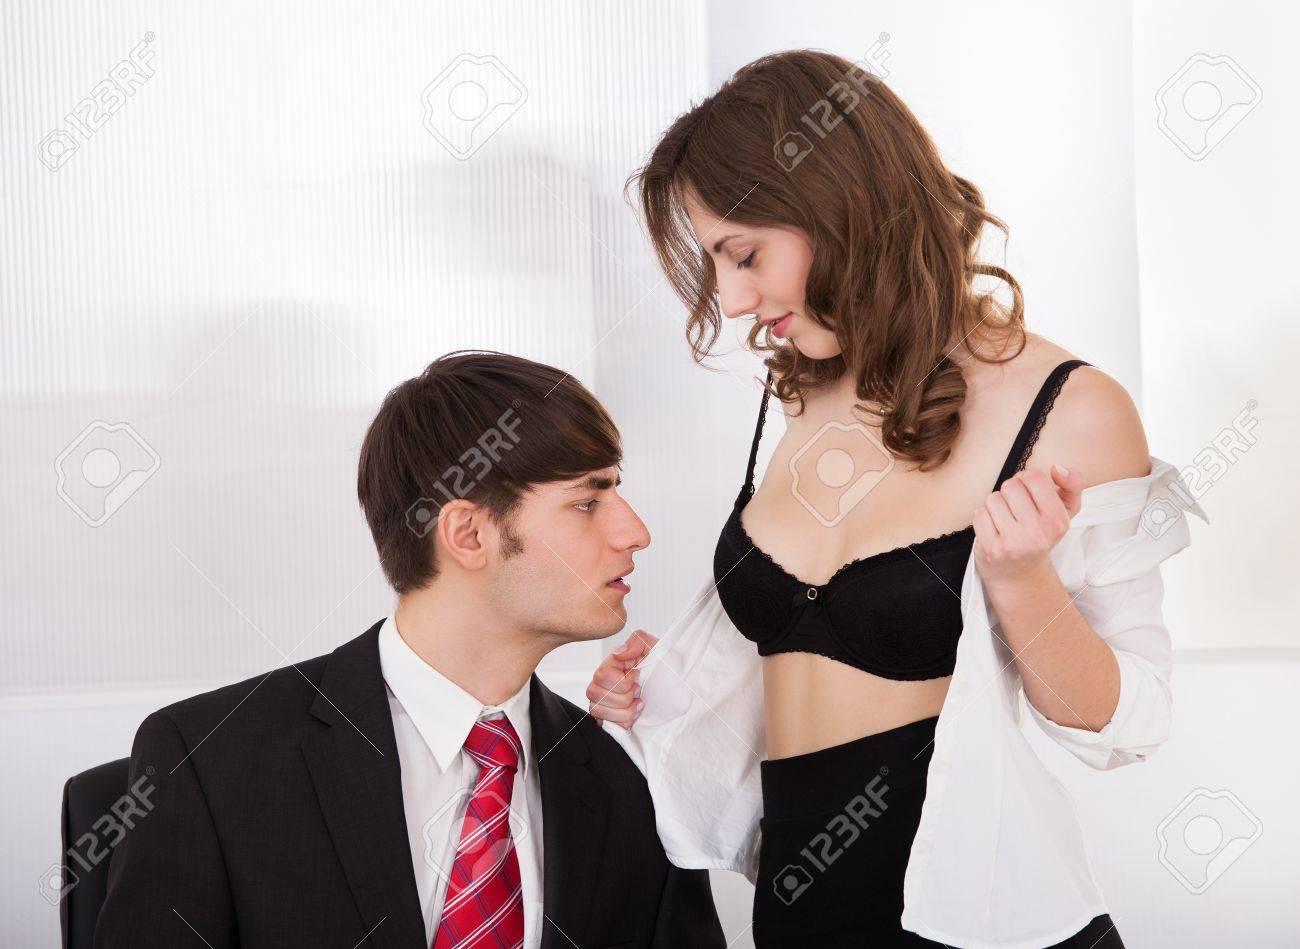 Секс в шефам, Секс с секретаршами - качественное бесплатное порно 30 фотография